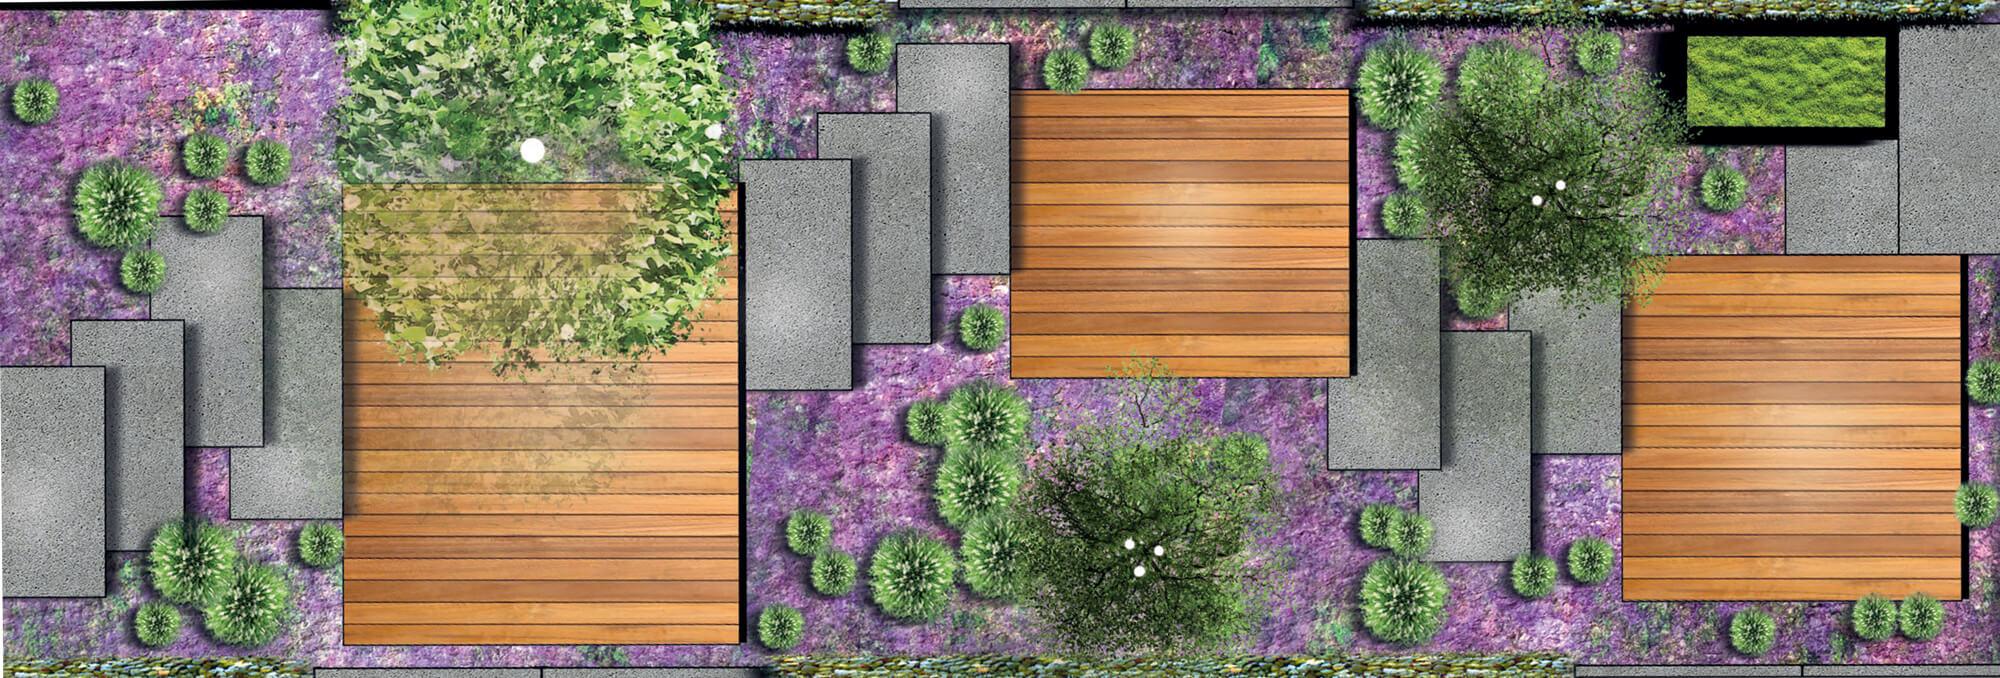 Sfeerafbeelding voor pagina tuinontwerp - Luijendijk Hoveniers